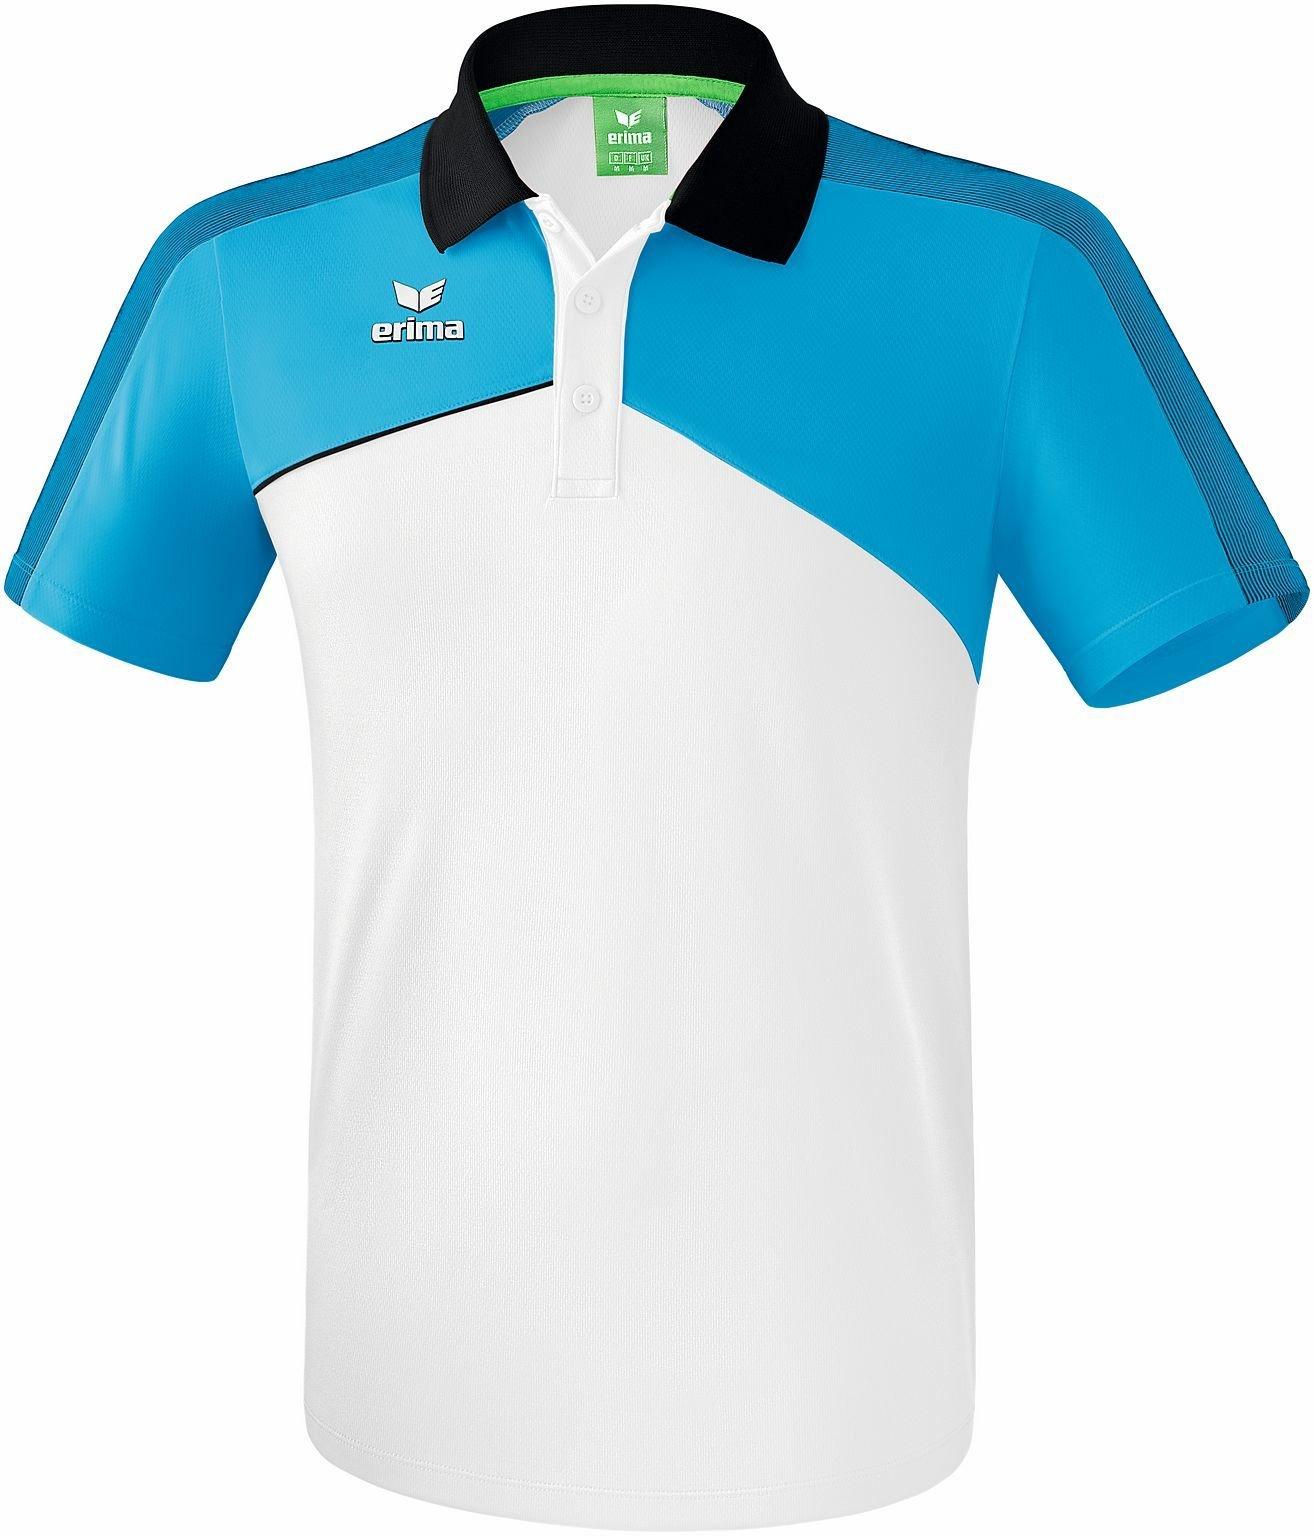 Premium One 2.0 Poloshirt